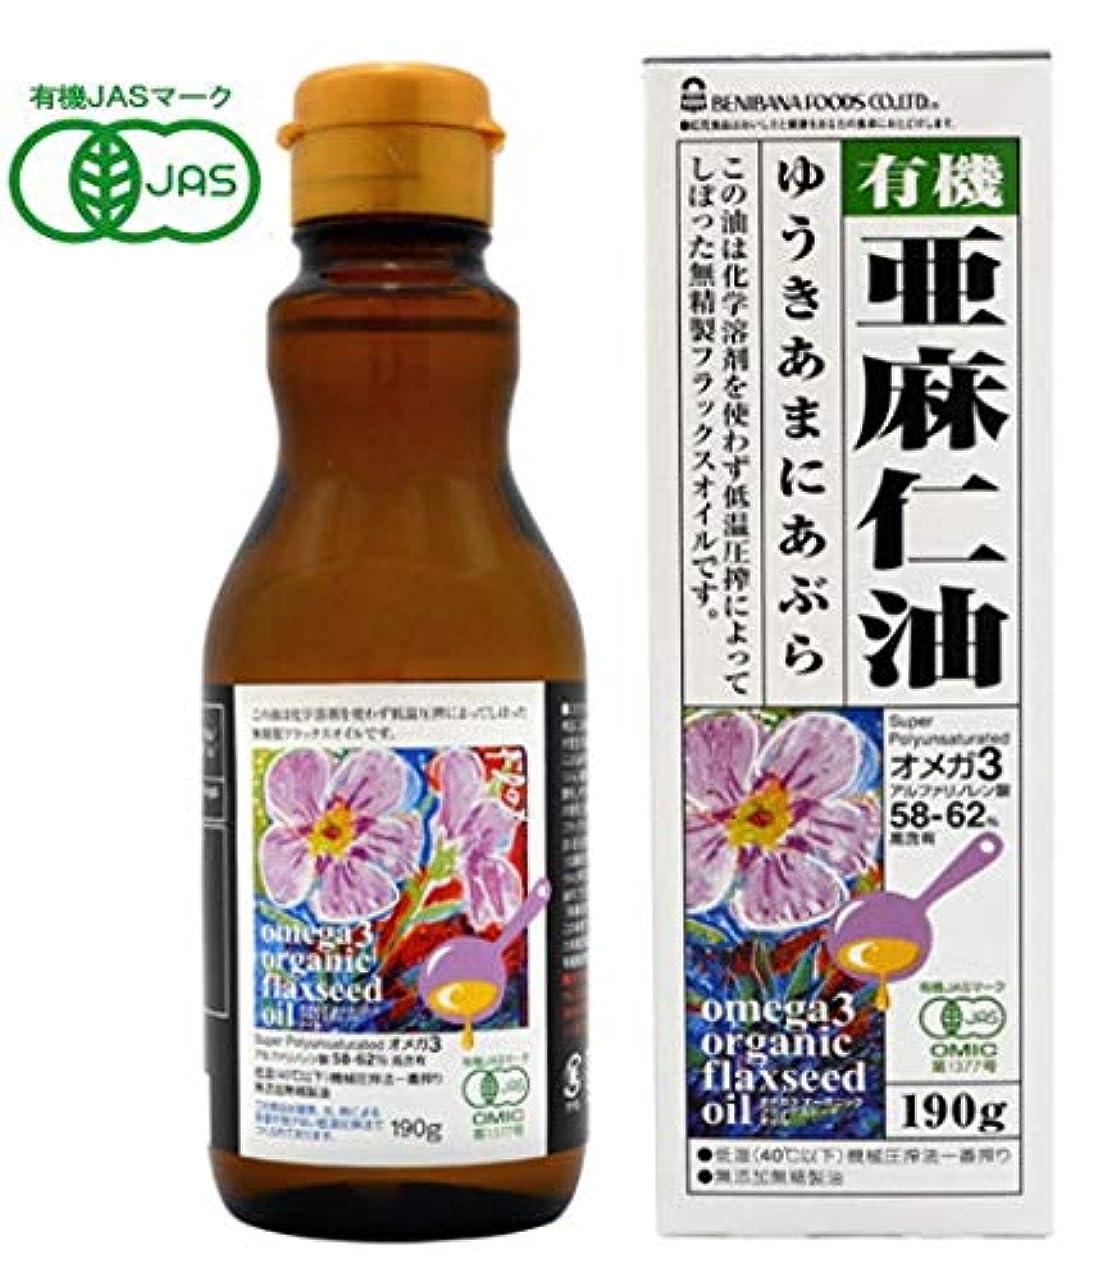 言い訳第九適切に紅花食品 オーガニックフラックスシードオイル(有機亜麻仁油) 190g×8本セット